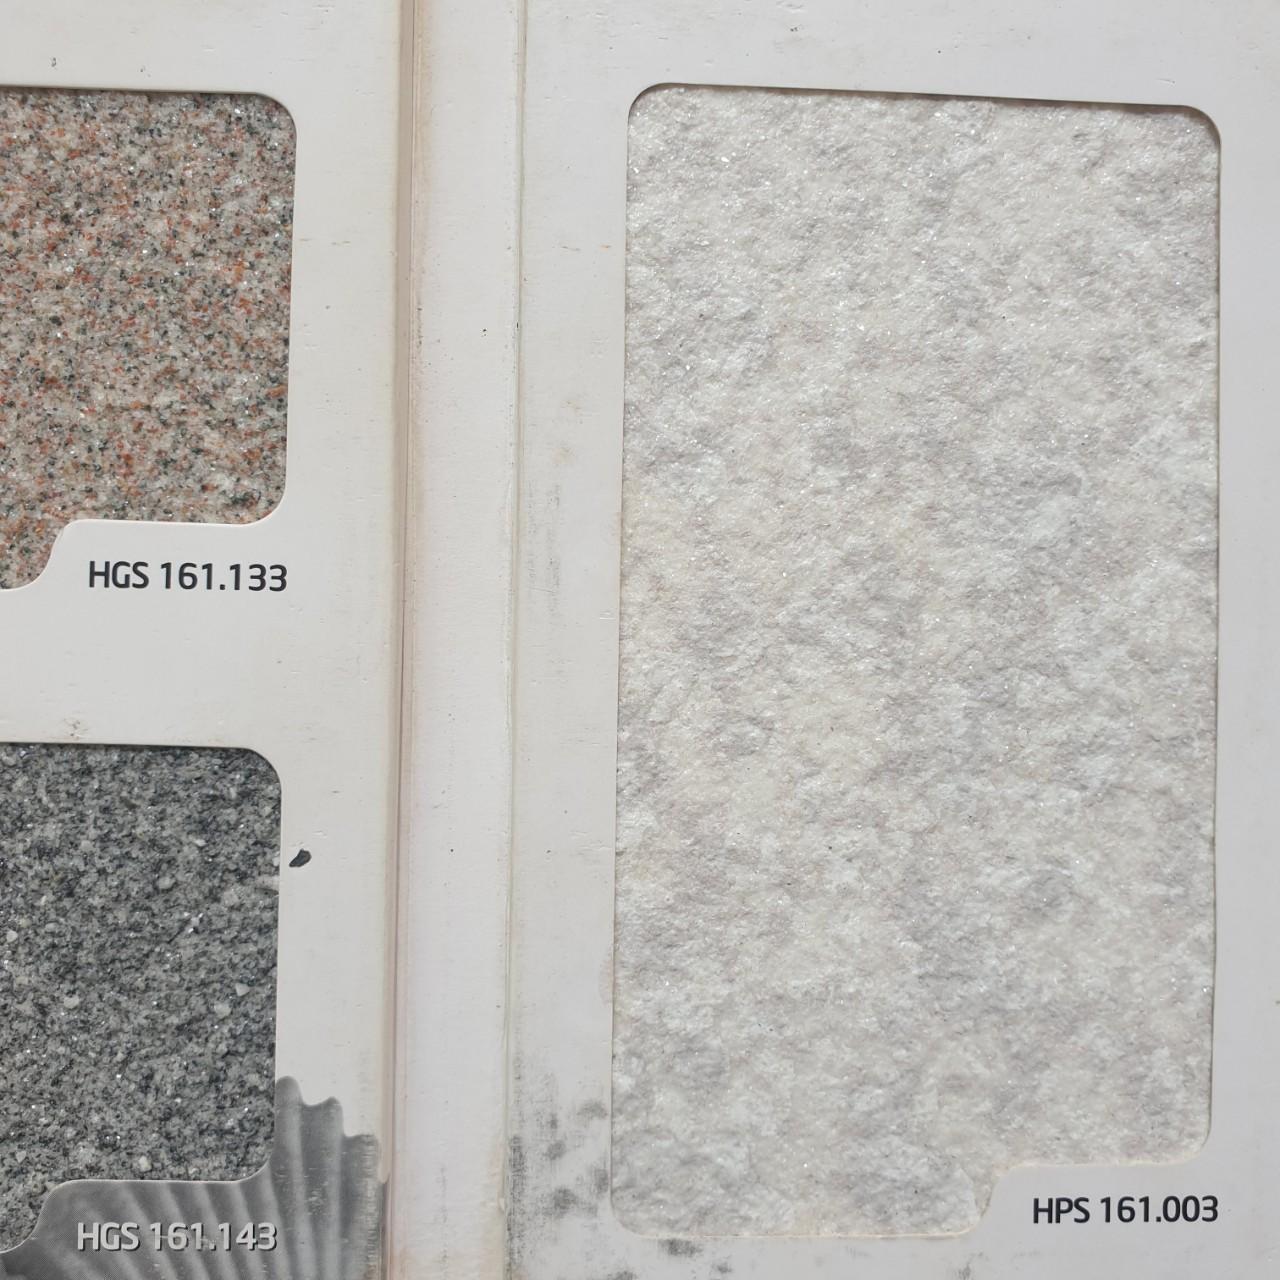 HPS 161 003